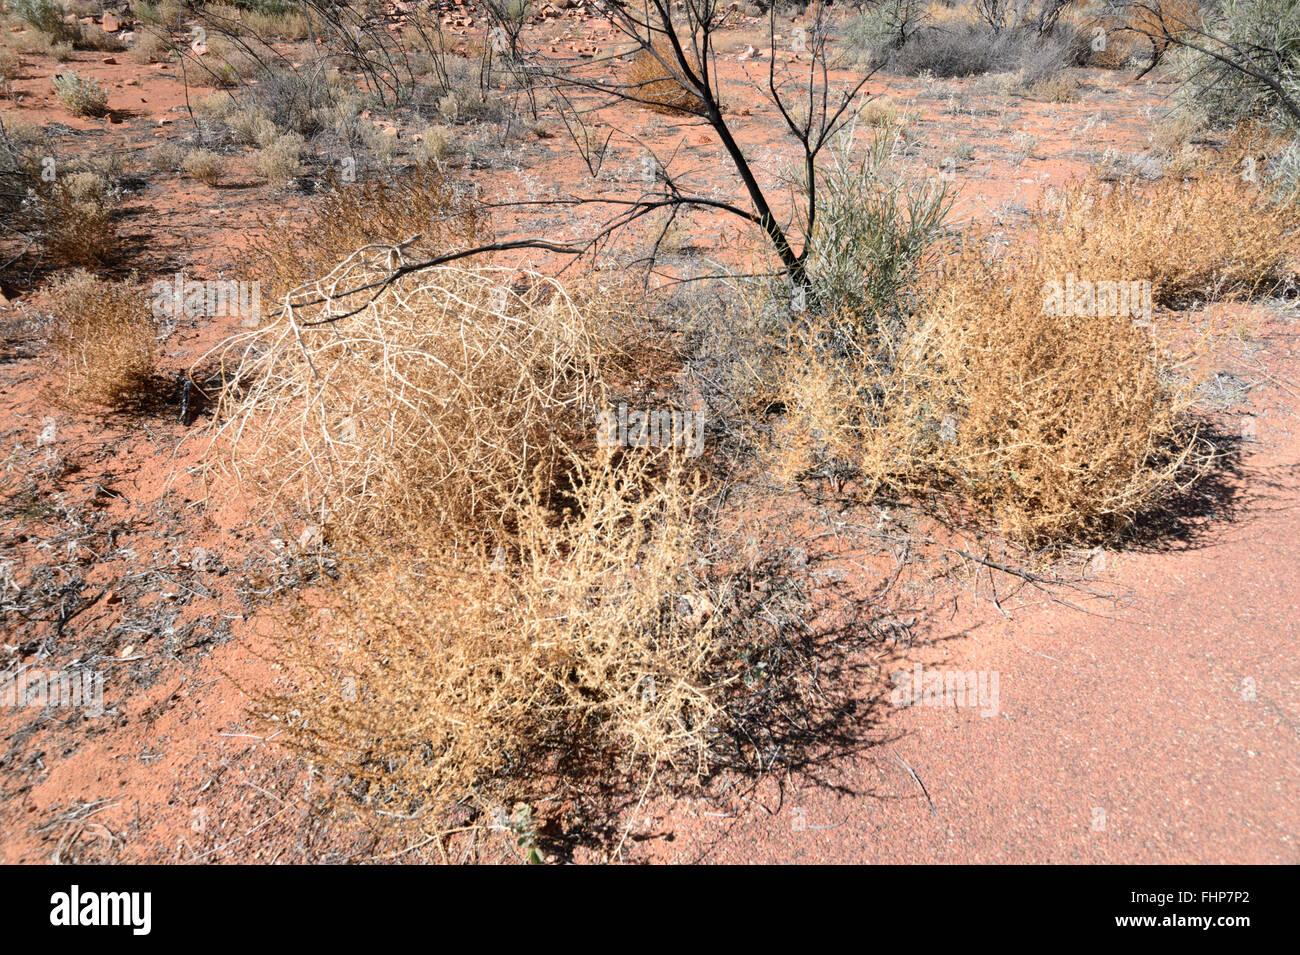 Vegetazione nel deserto, Territorio del Nord, l'Australia Immagini Stock